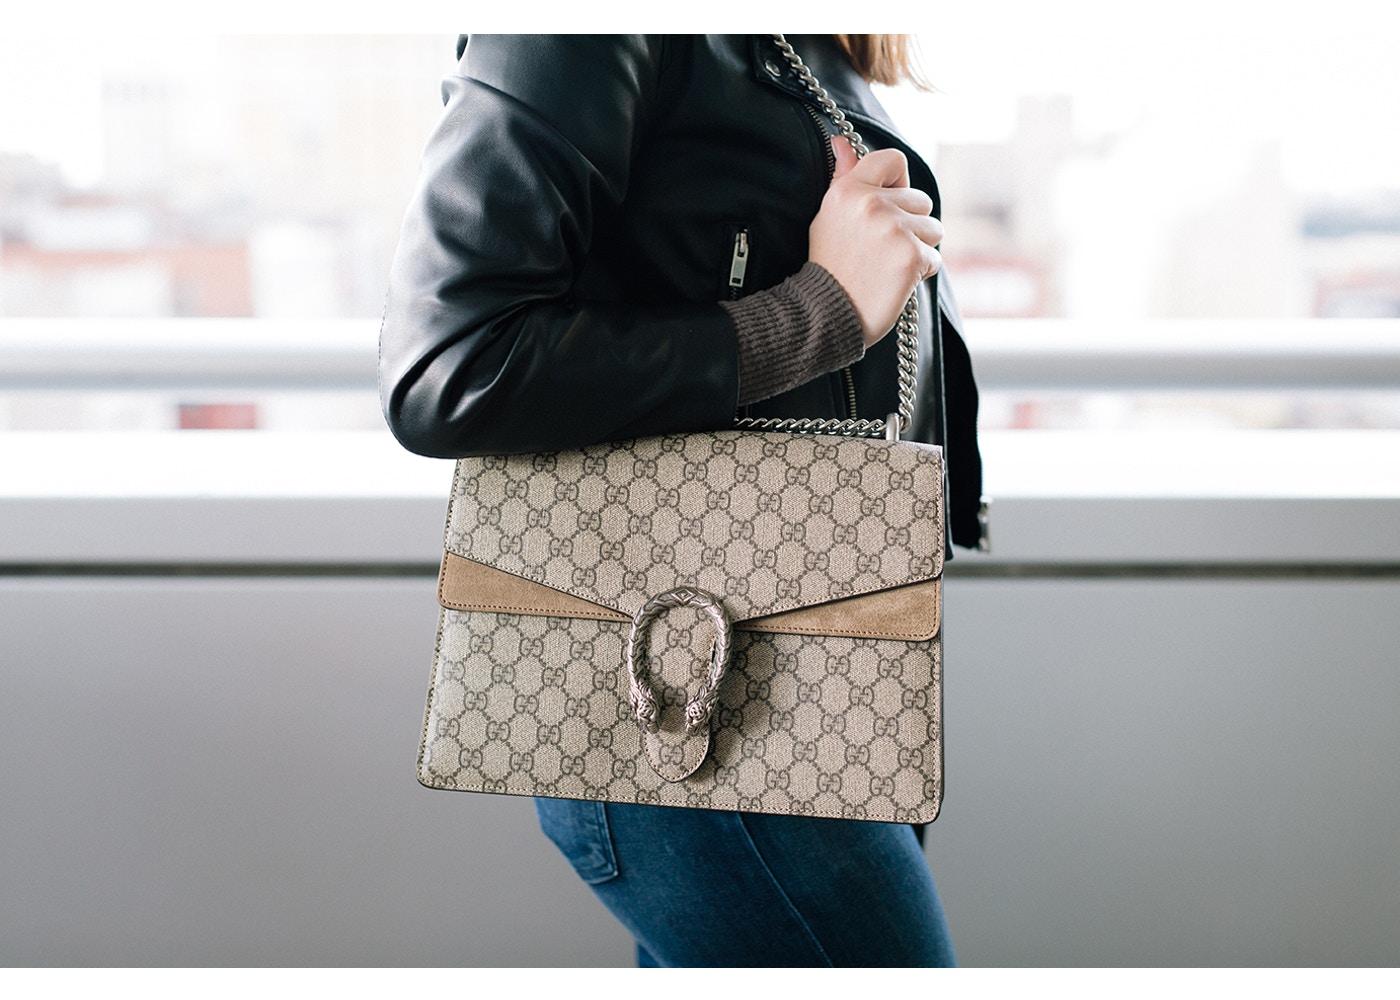 Mẫu túi xách Gucci đeo vai Dionysus GG Supreme